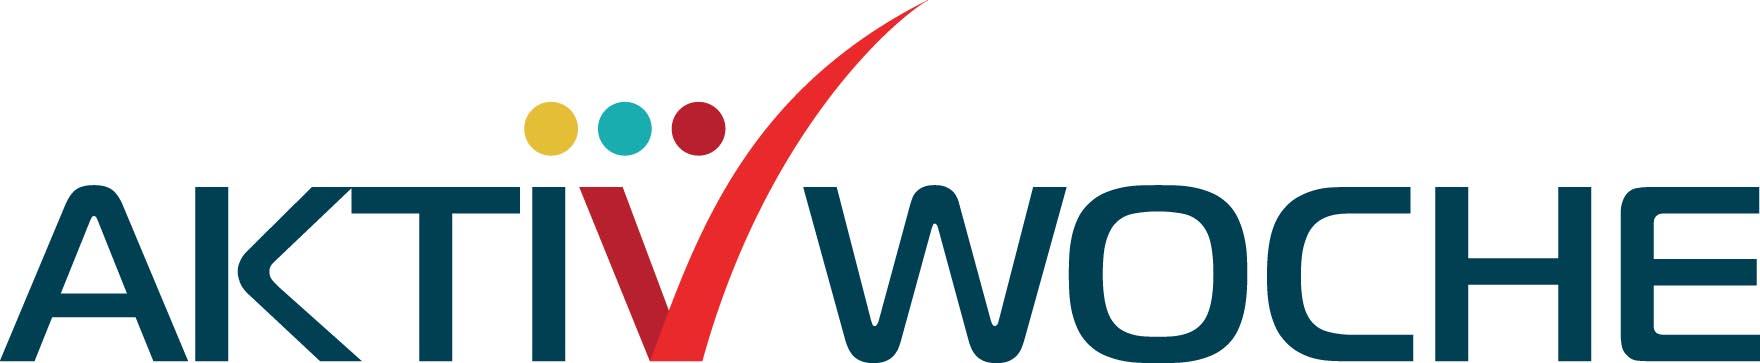 Logo Aktivwoche